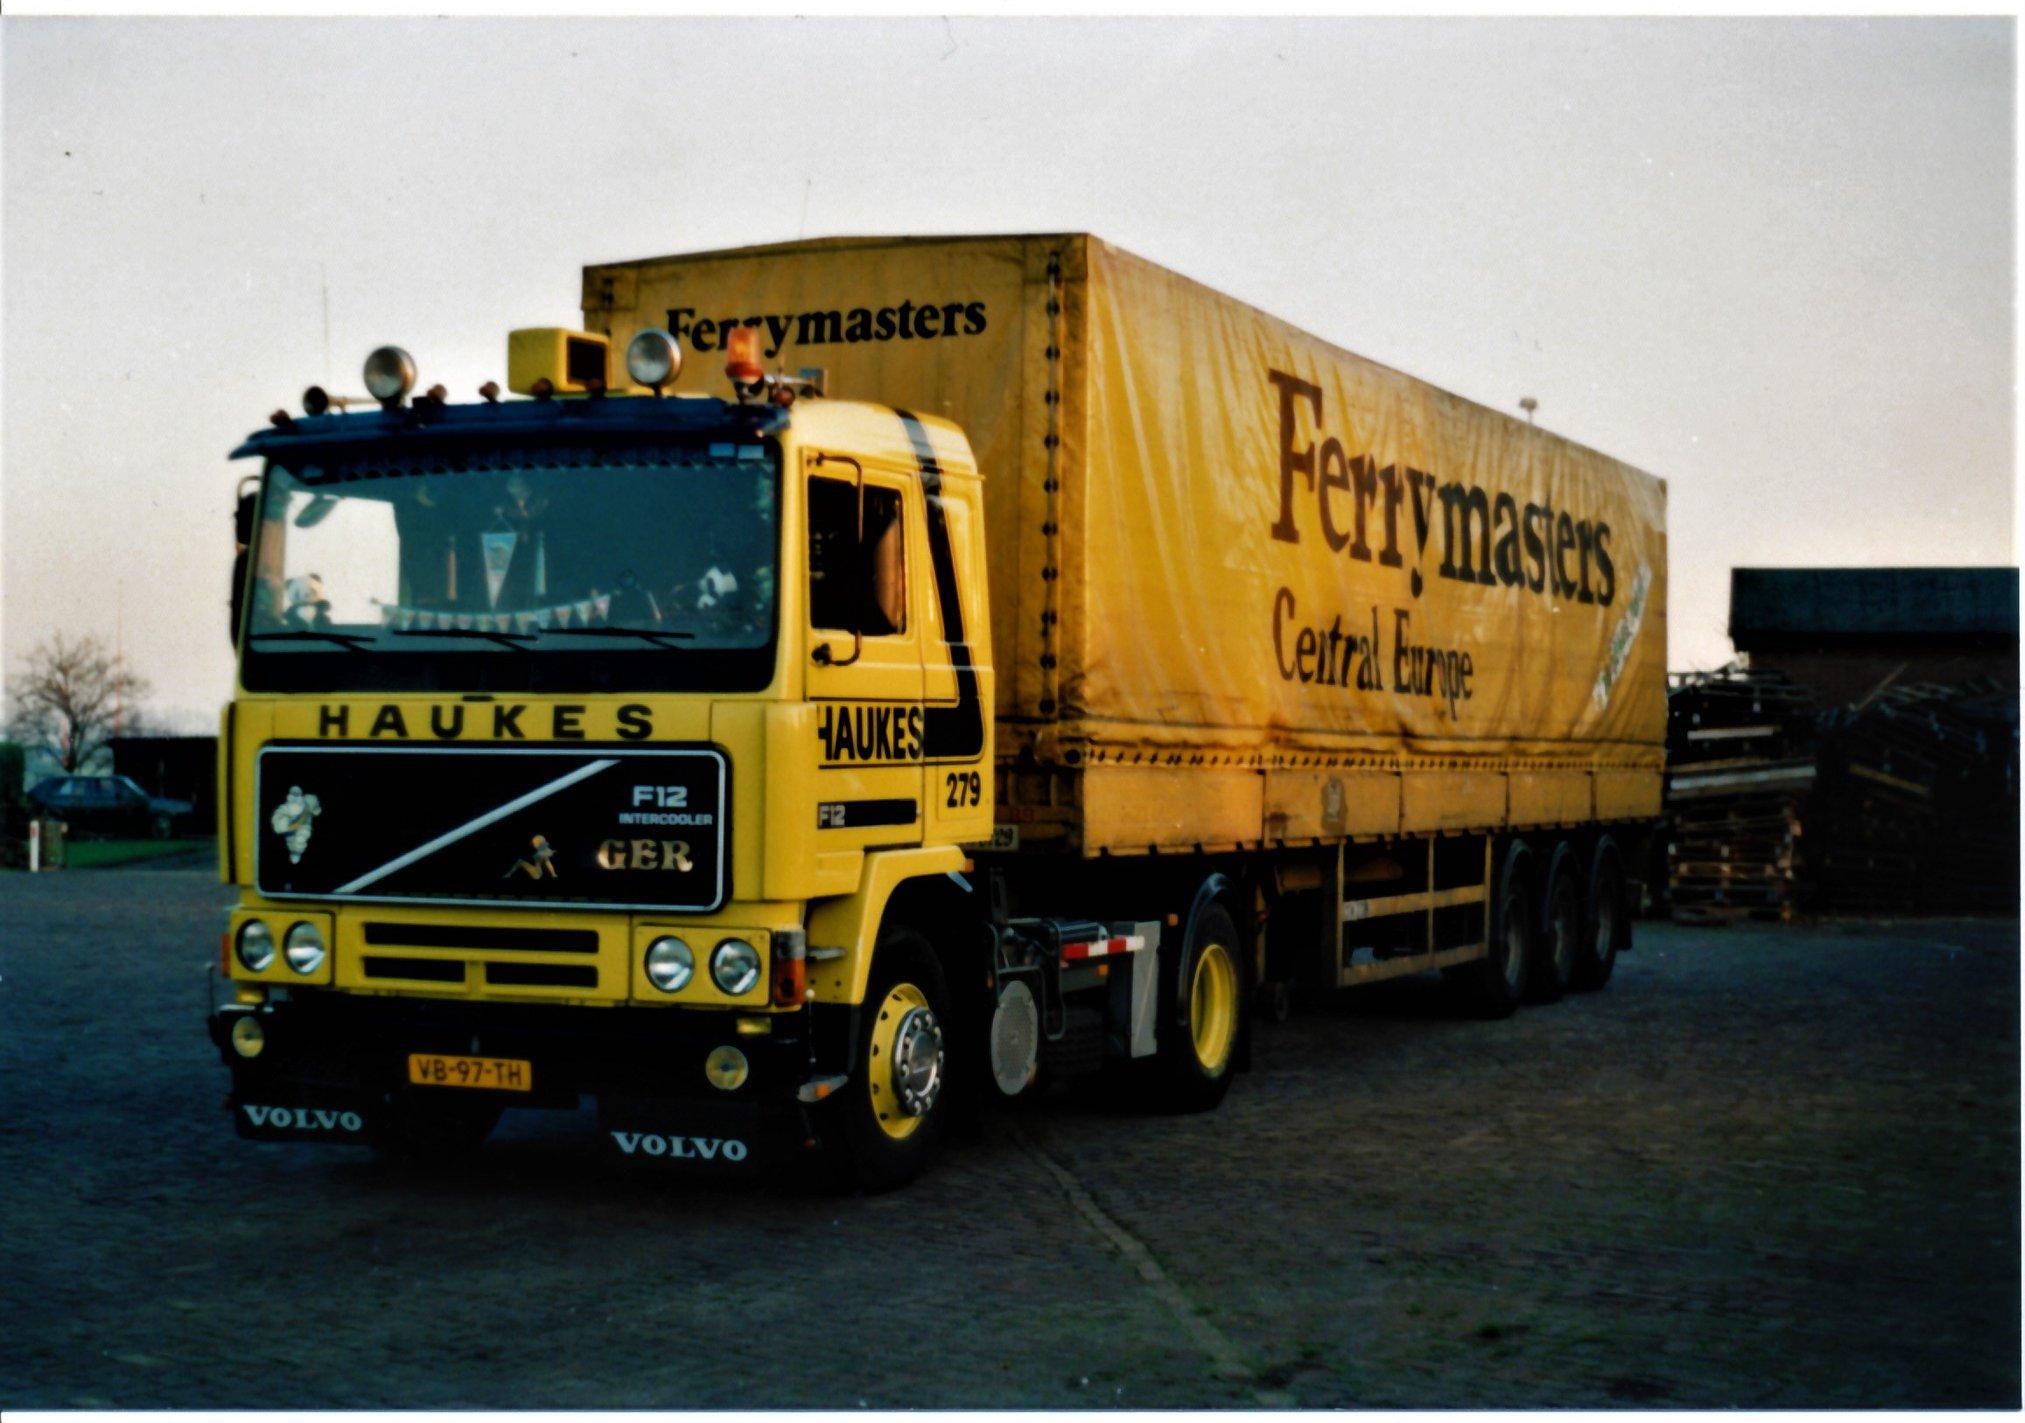 Han-Megens--Volvo-F12-nr-279-met-Ferry-Master-oplegger